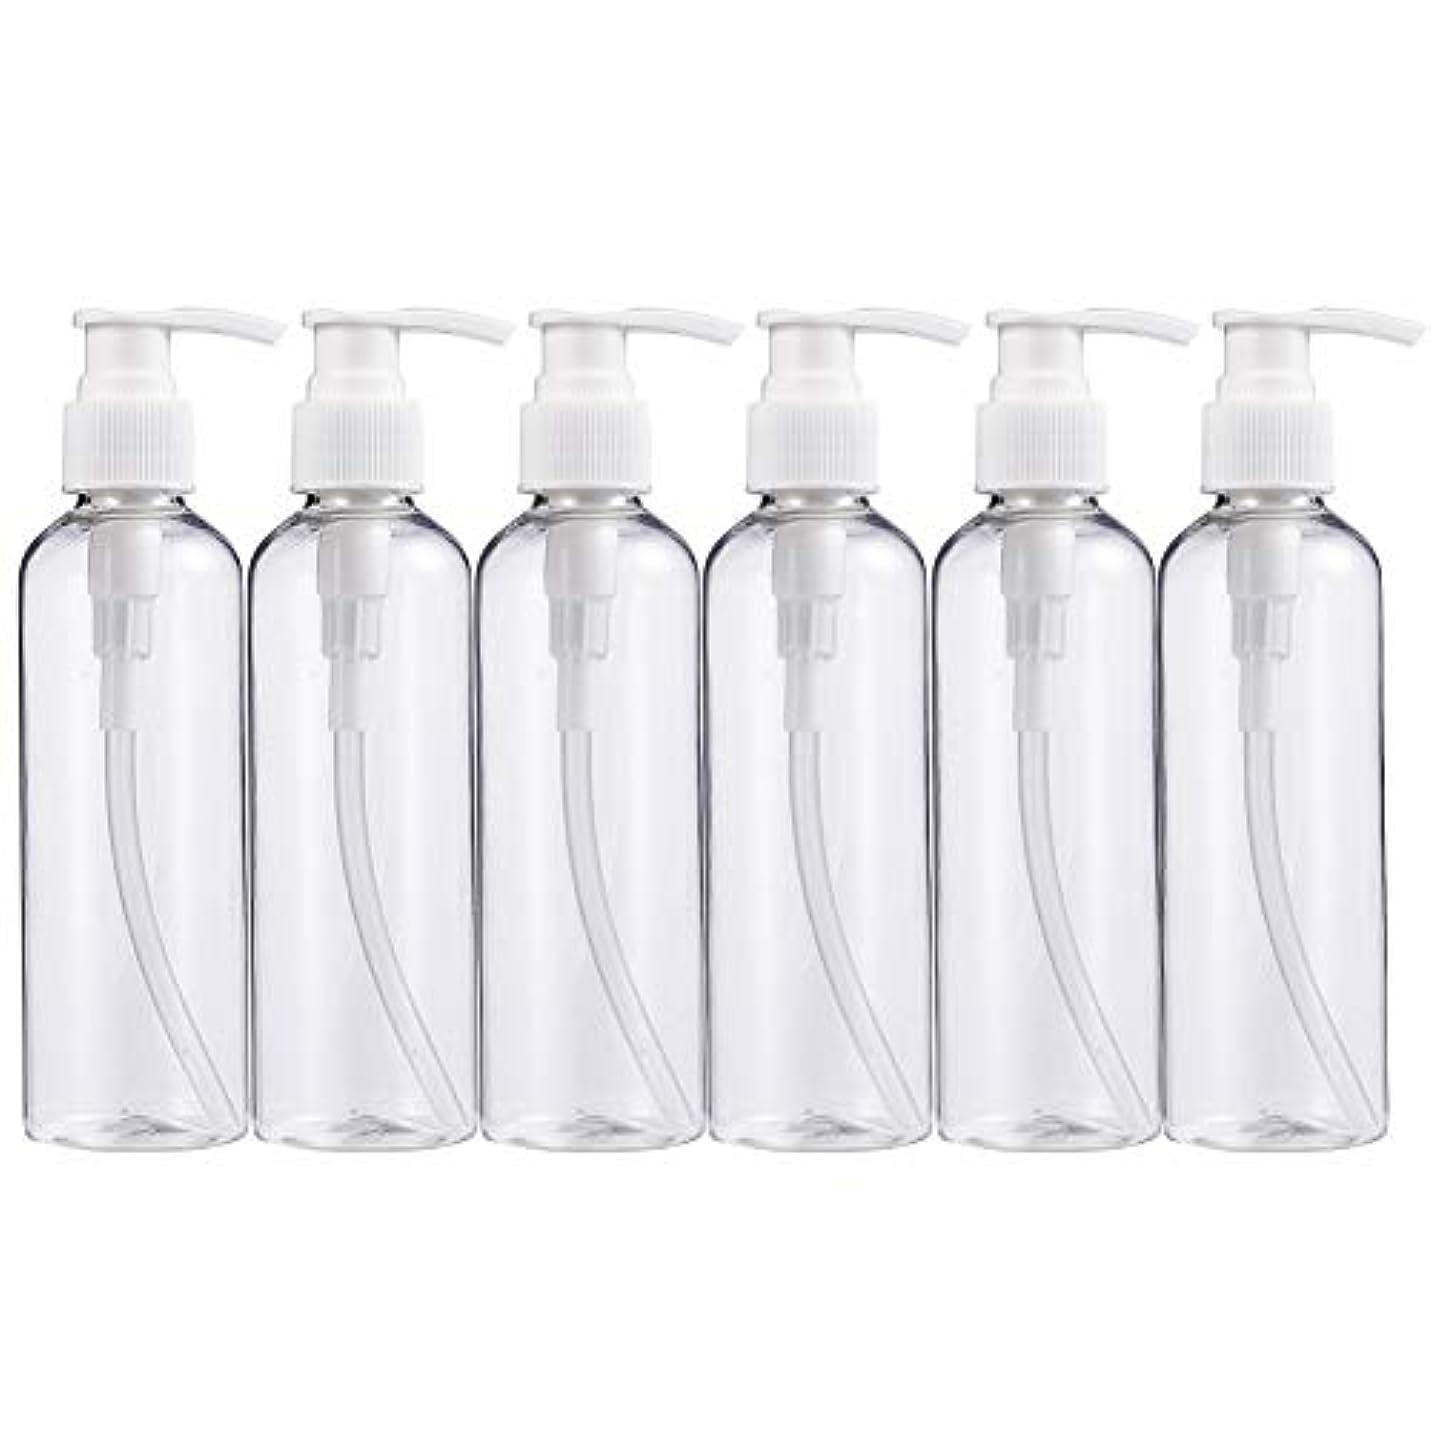 例うまくやる()落胆するBENECREAT 200mlプラスティックスボトル 6個セット小分けボトル プラスチック容器 液体用空ボトル 押し式詰替用ボトル 詰め替え シャンプー クリーム 化粧品 収納瓶